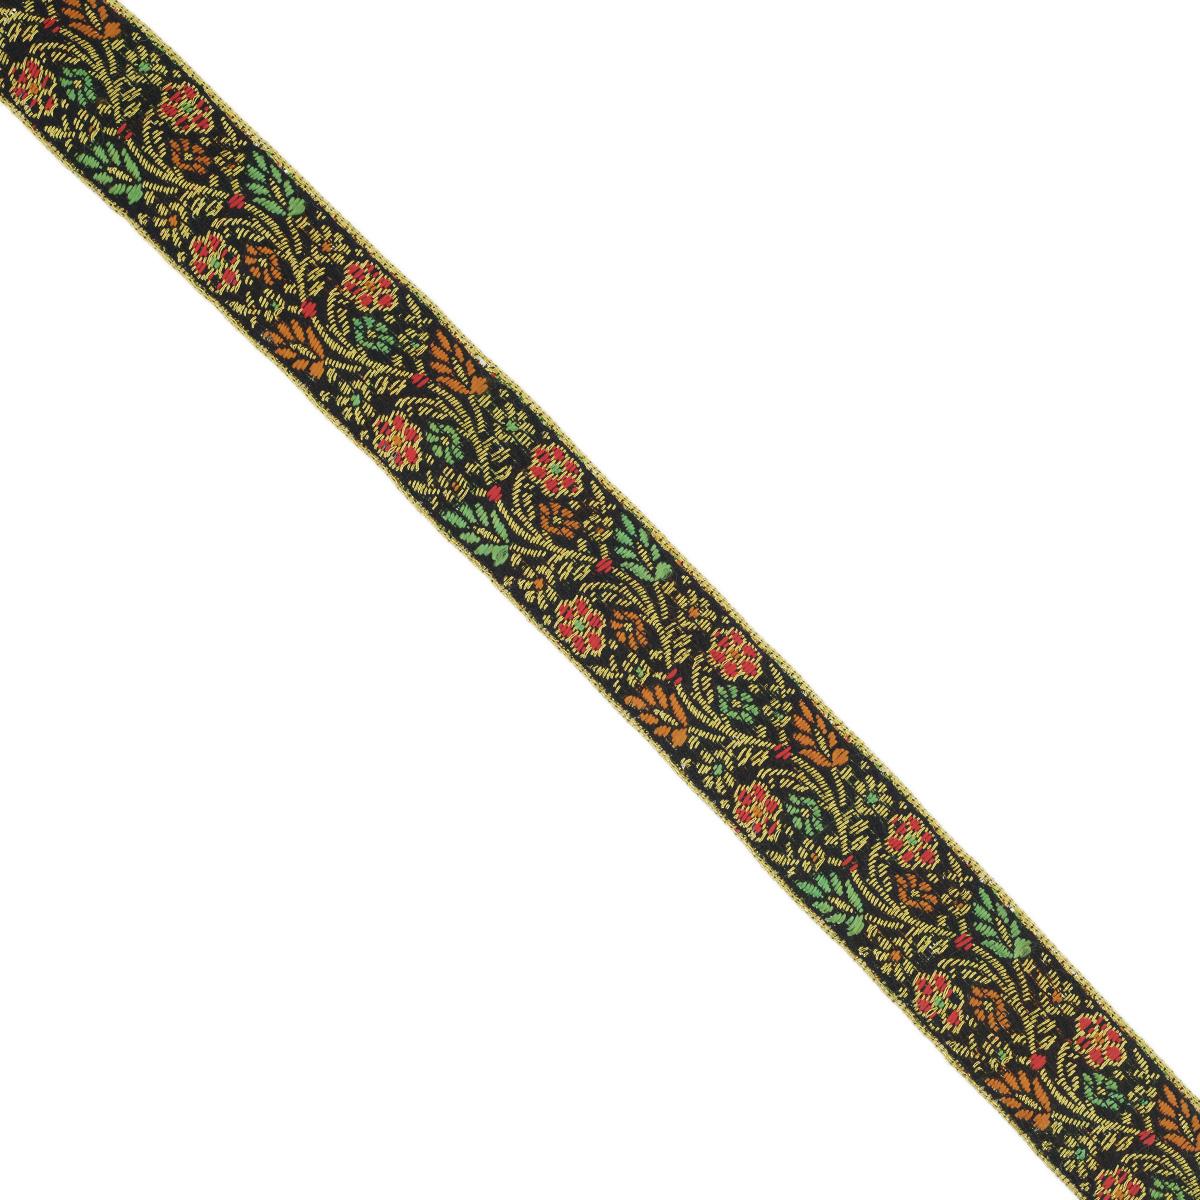 Тесьма декоративная Астра, цвет: черный (С20), ширина 2,5 см, длина 9 м. 77034347703434_С20Декоративная тесьма Астра выполнена из текстиля и оформлена оригинальным орнаментом. Такая тесьма идеально подойдет для оформления различных творческих работ таких, как скрапбукинг, аппликация, декор коробок и открыток и многое другое. Тесьма наивысшего качества и практична в использовании. Она станет незаменимым элементом в создании рукотворного шедевра. Ширина: 2,5 см. Длина: 9 м.